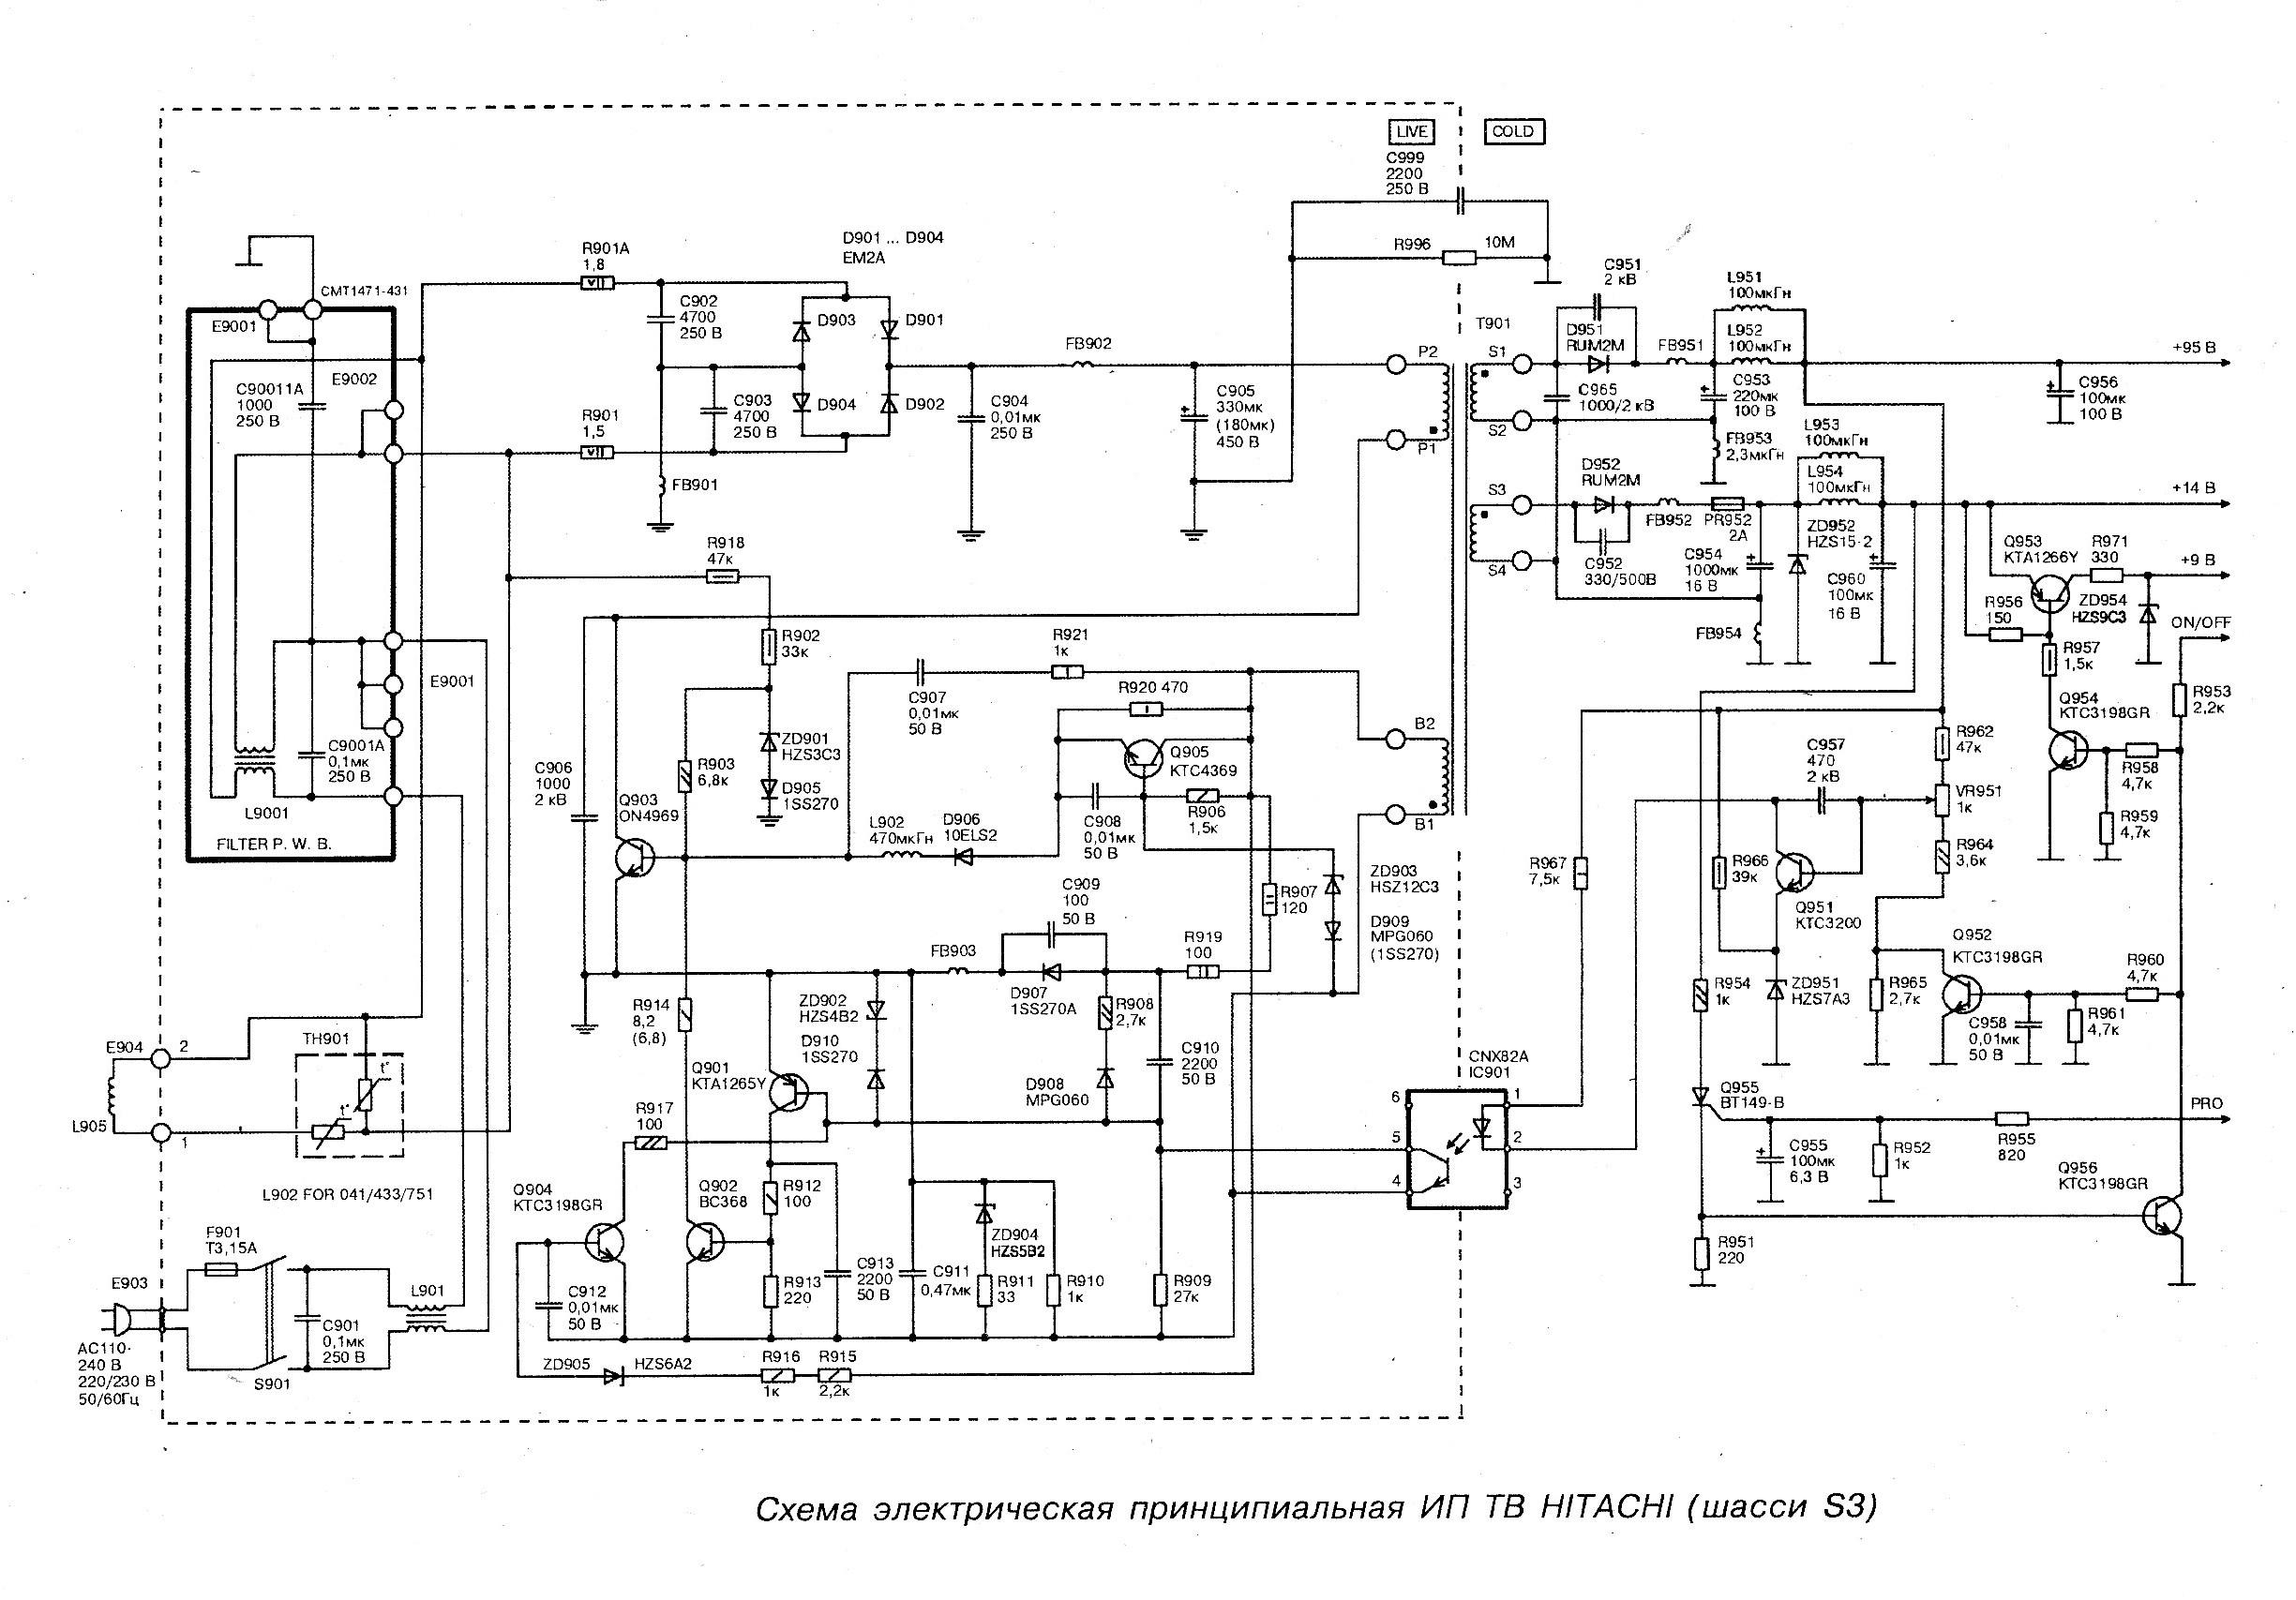 Hitachi 2141 схема телевизора 634